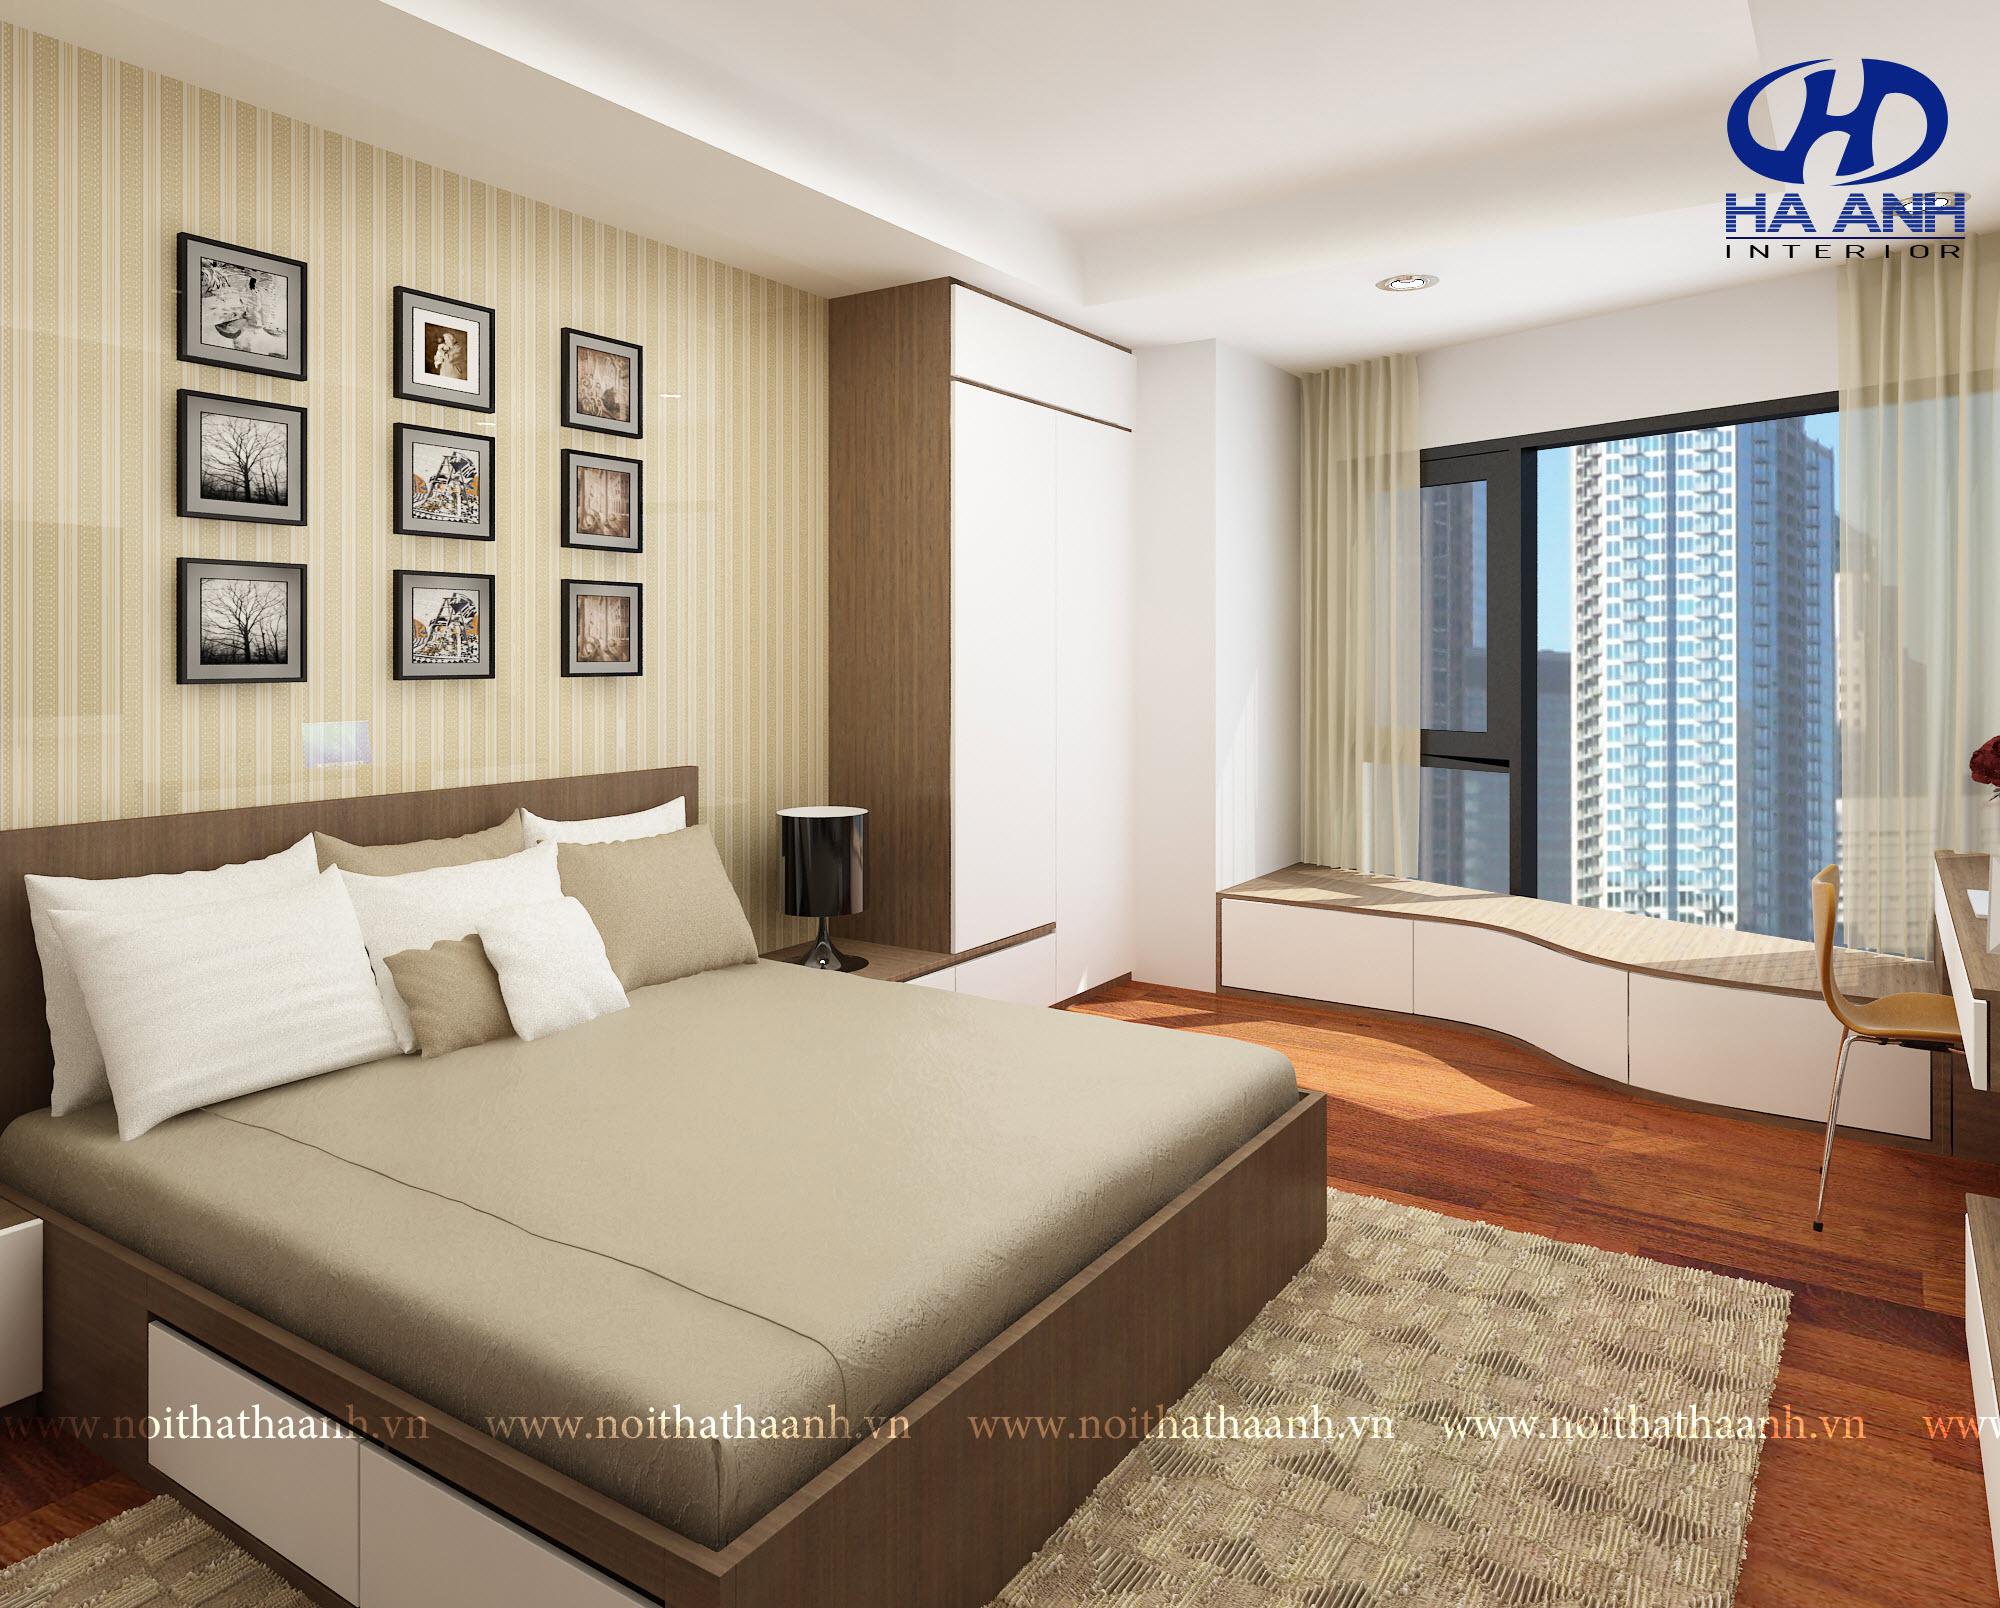 Phòng ngủ Bố Mẹ HA-40217-1